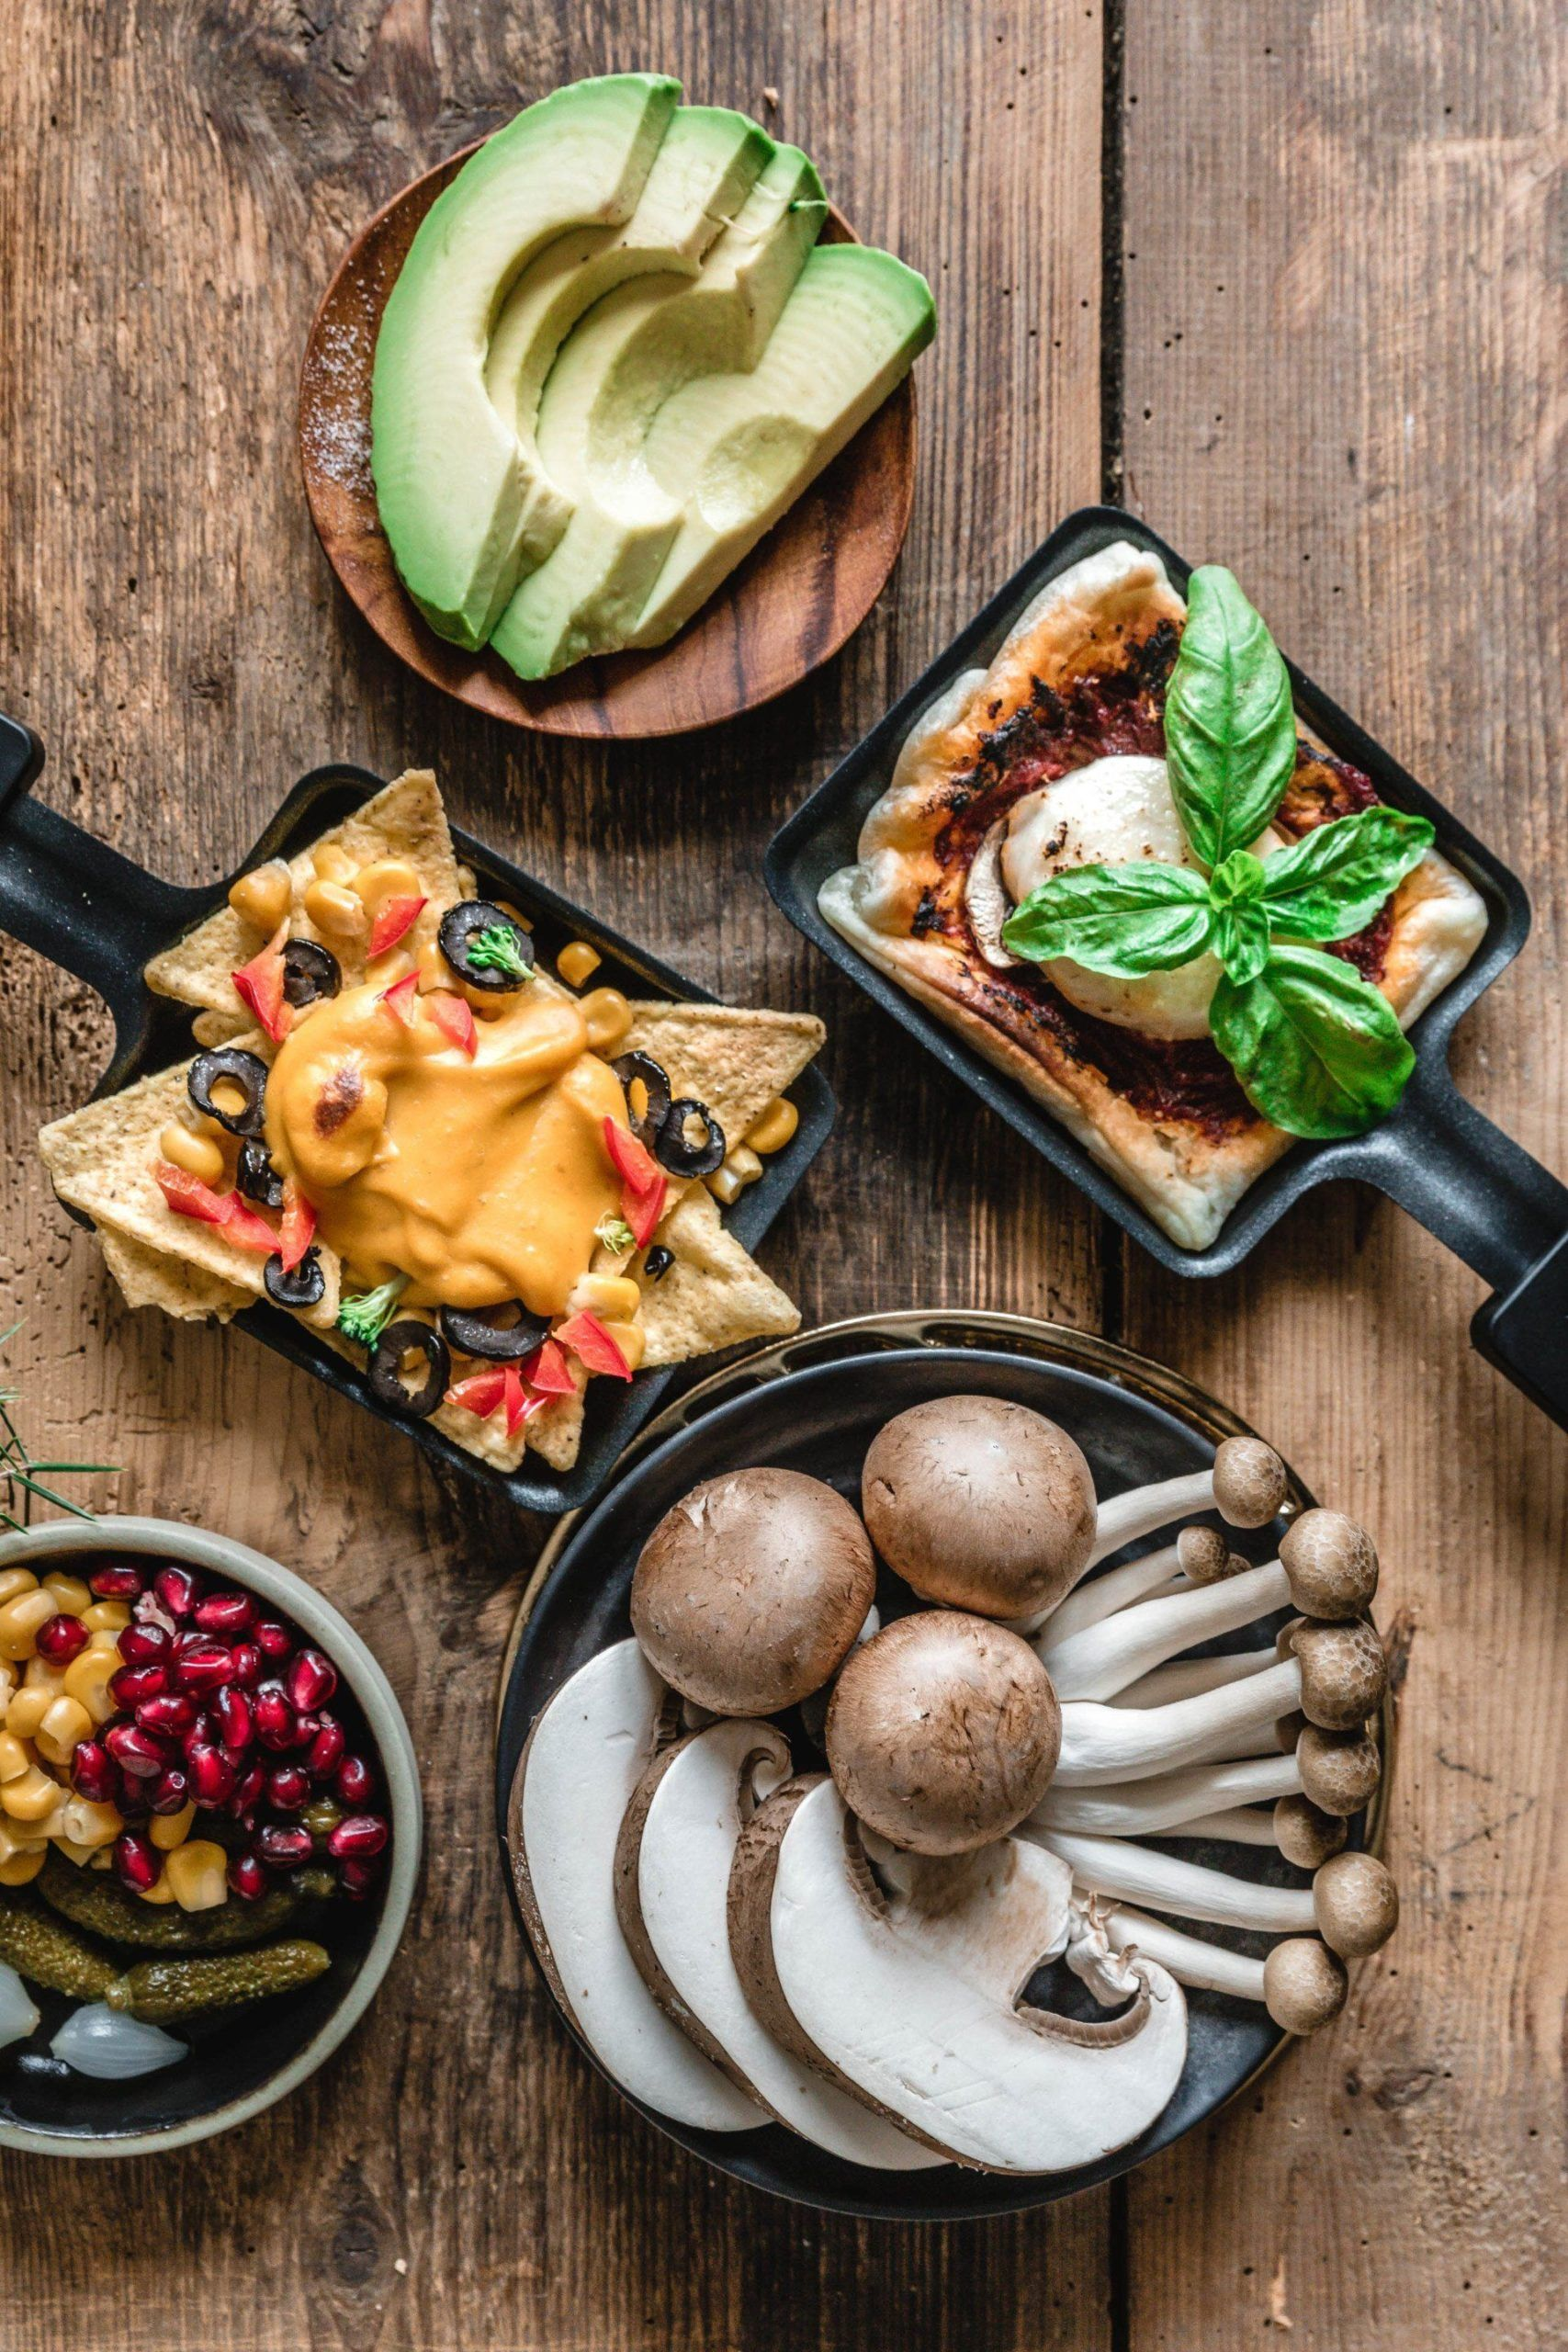 Veganes Raclette Iss Das Food Blog Vegane Rezepte Geschichten In 2020 Vegane Rezepte Rezepte Raclette Essen